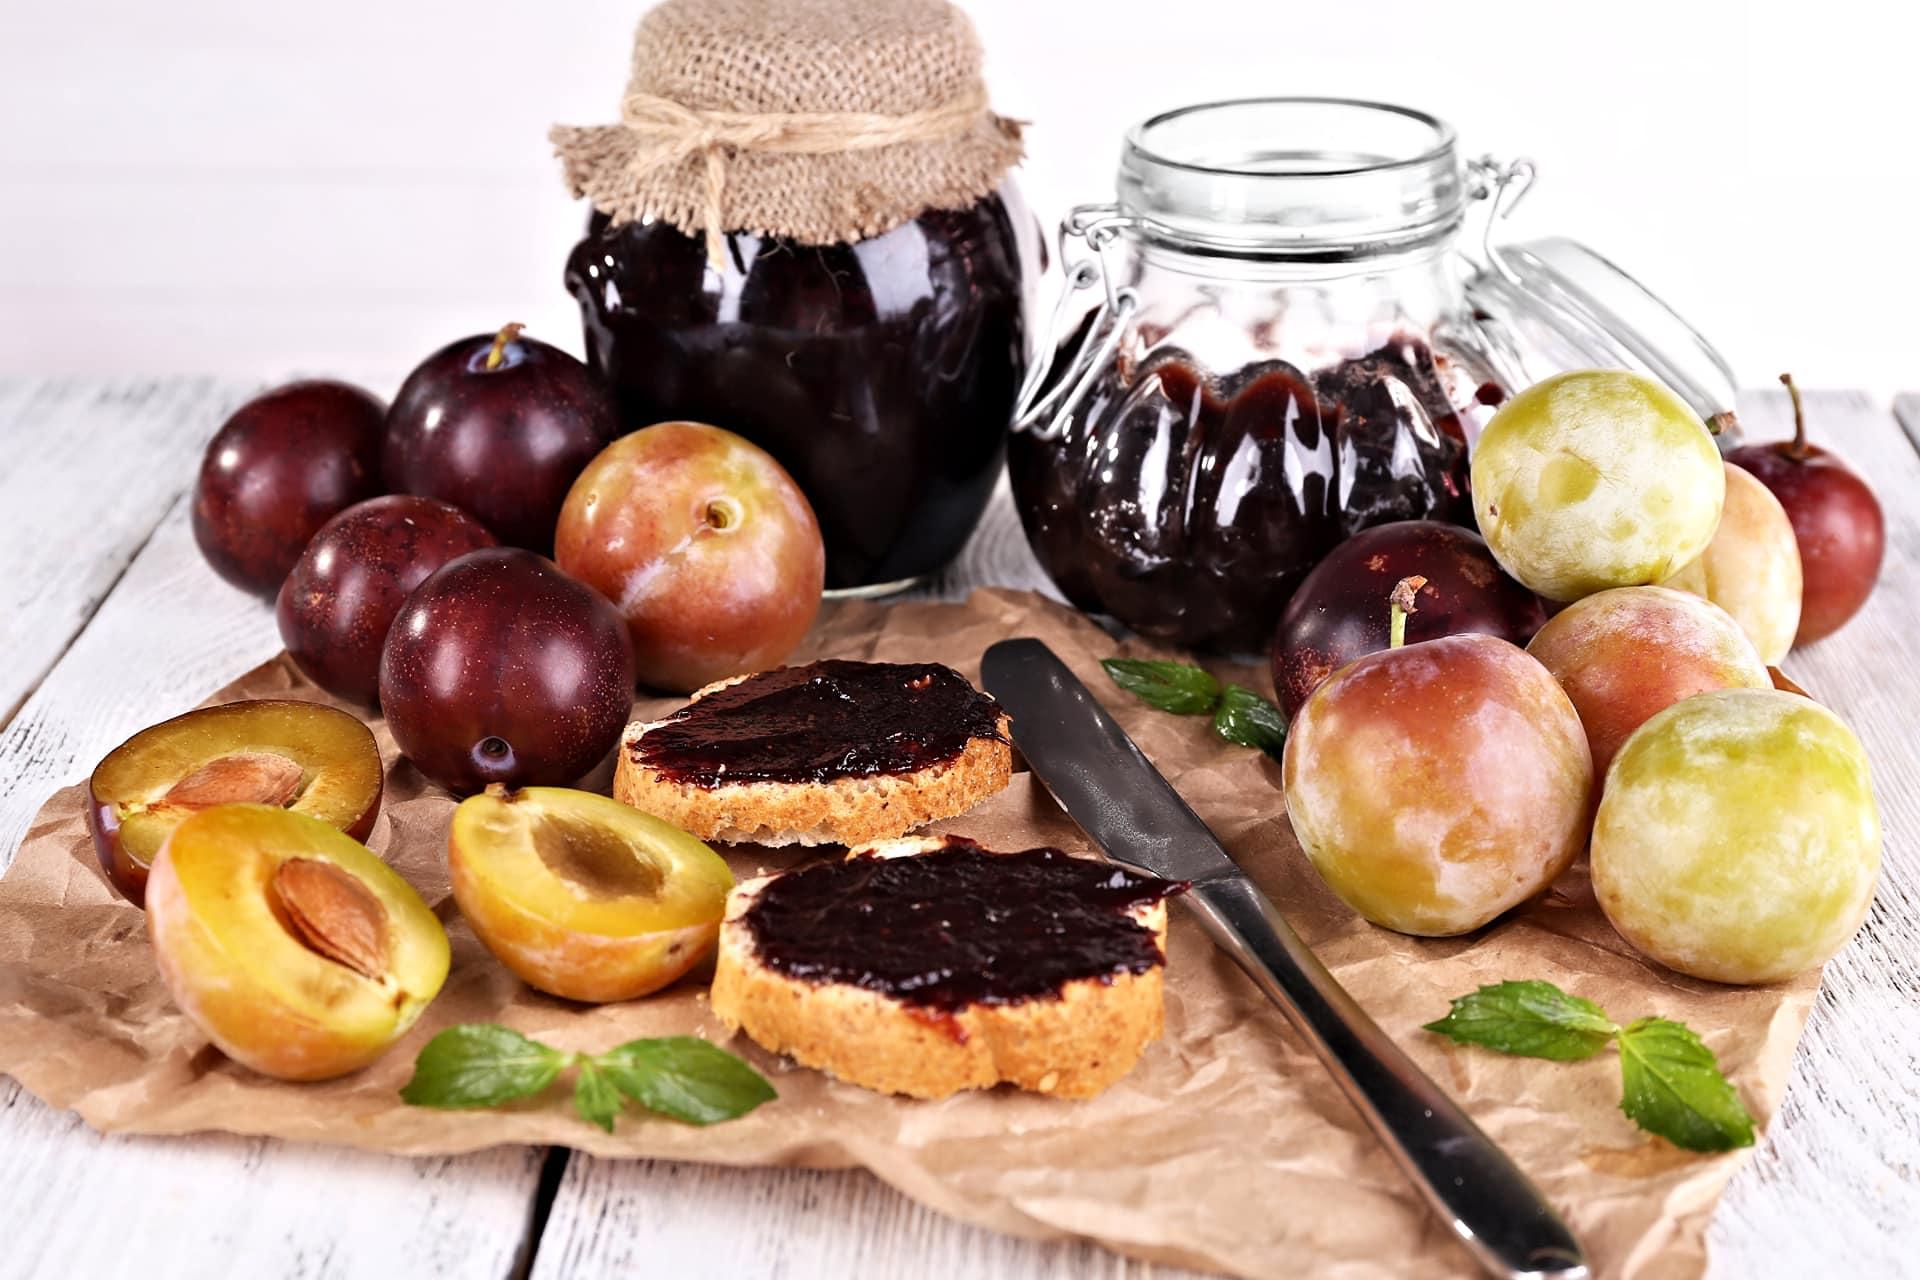 Сырые яблоки на зиму в собственном соку. фруктовые рецепты на зиму: консервирование яблок в собственном соку